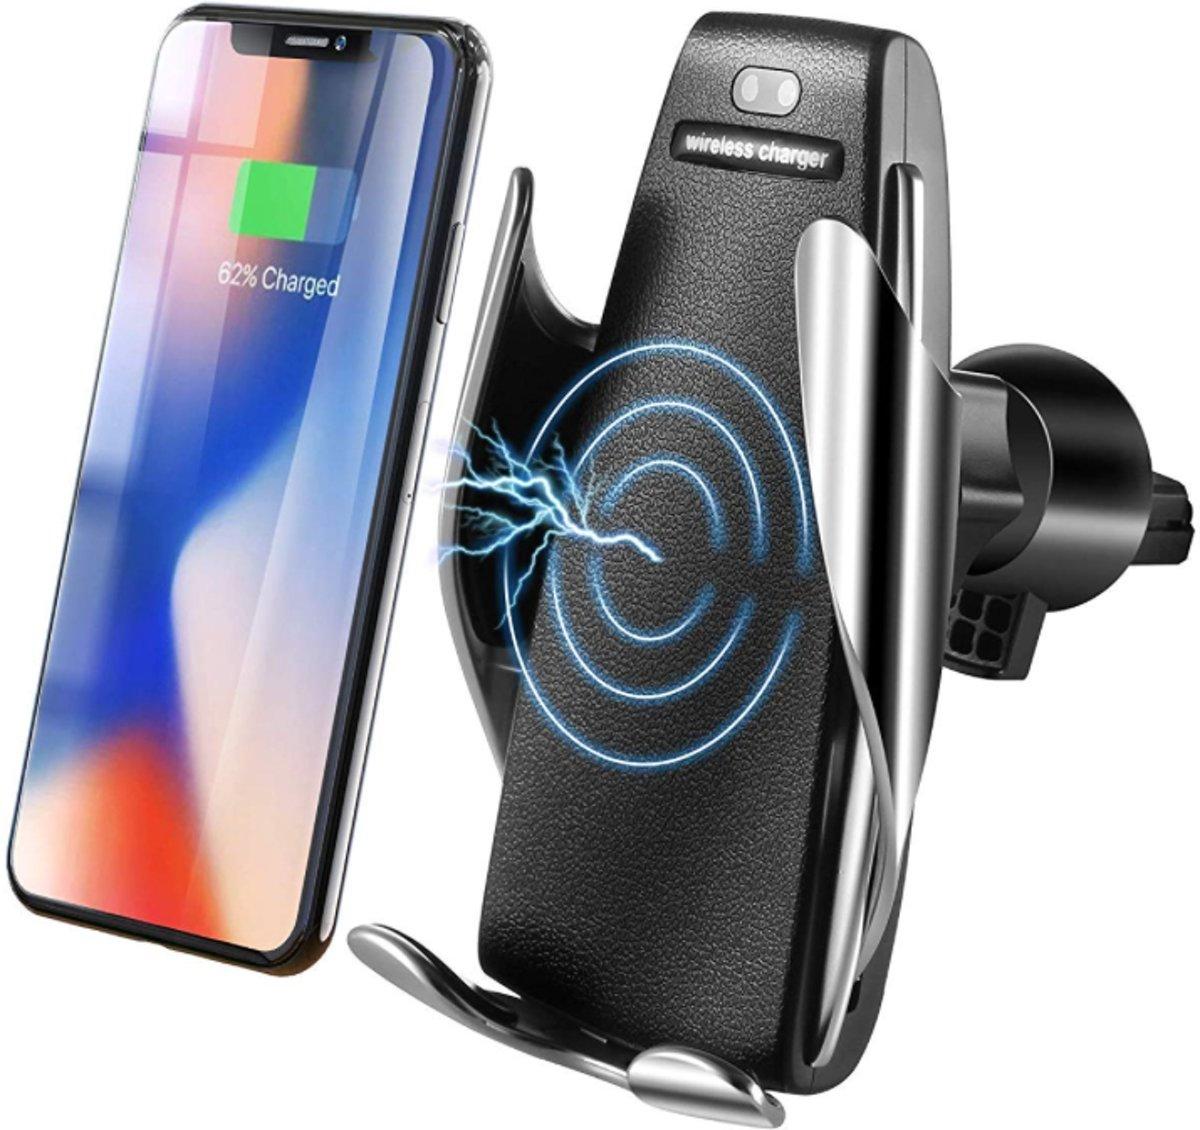 Point of View - Draadloze oplader and automatisch telefoonhouder  in de auto,  Voor Iphone 8, 8+, X series, Samsung S8, S8+ S9 , NOTE 8 etc kopen